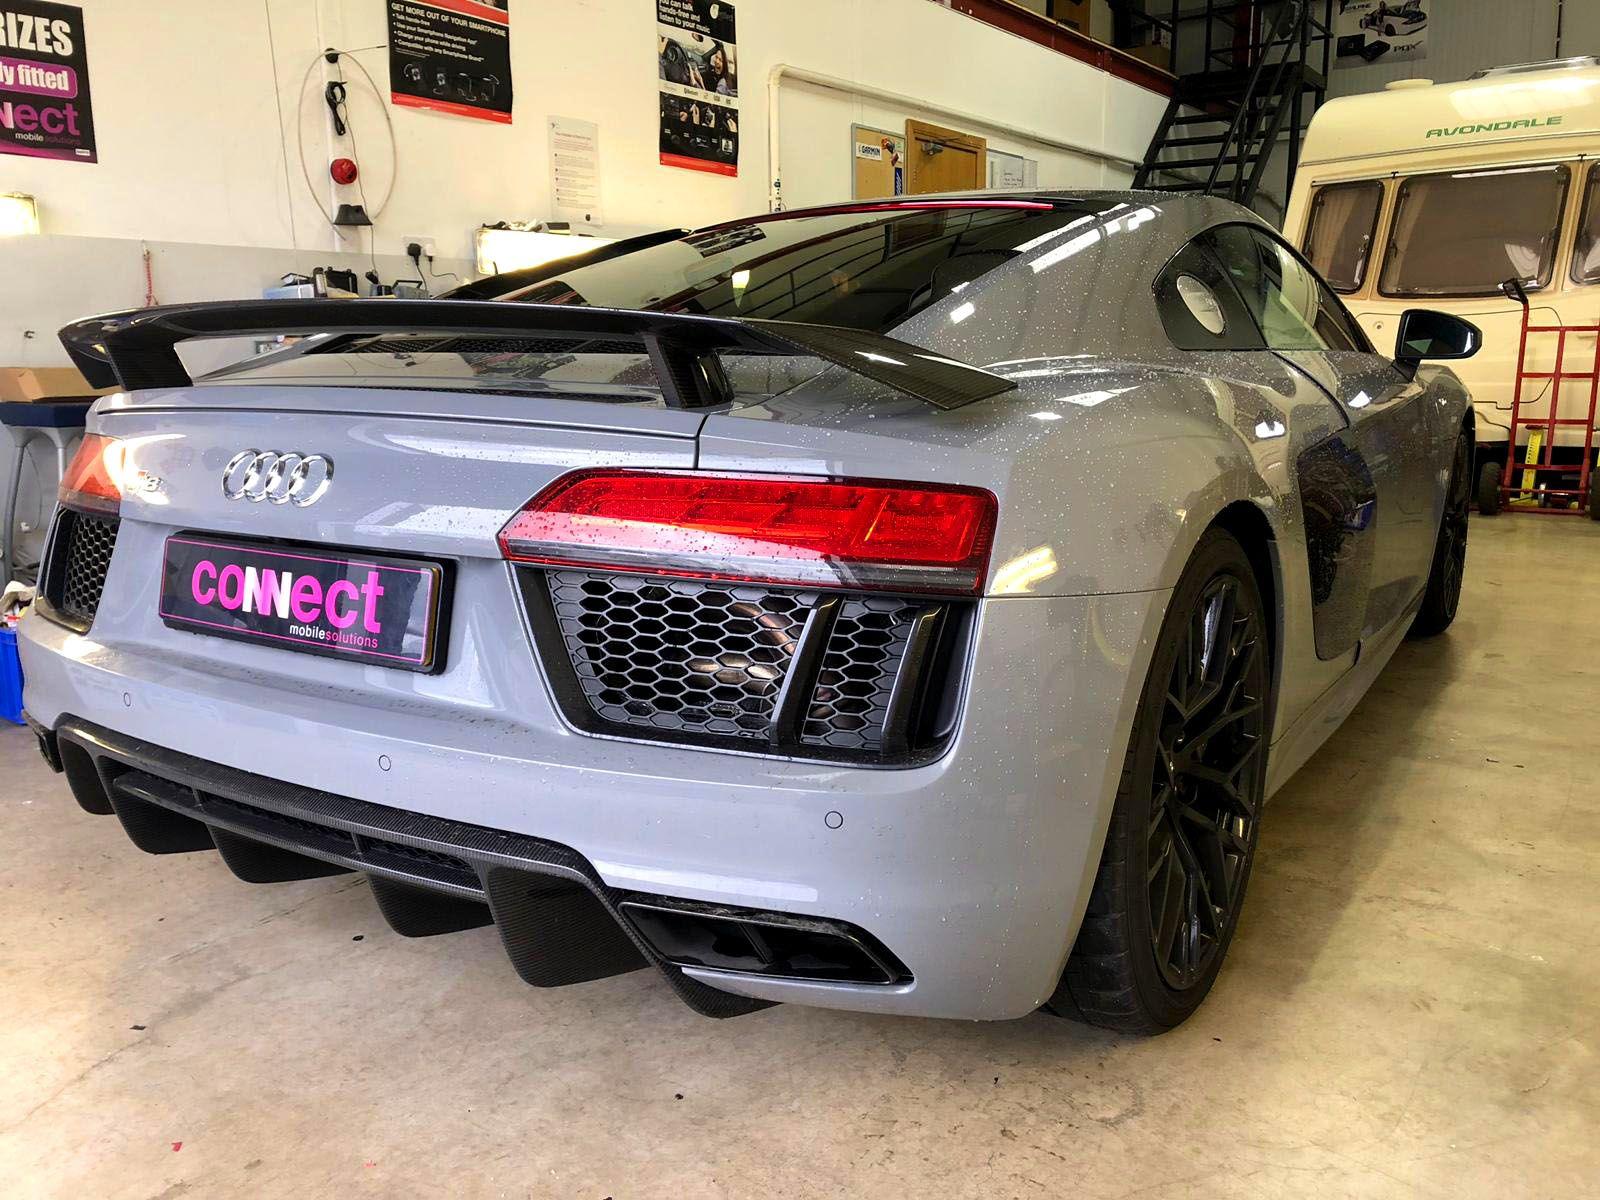 Audi R8 V10 with radar detector installed